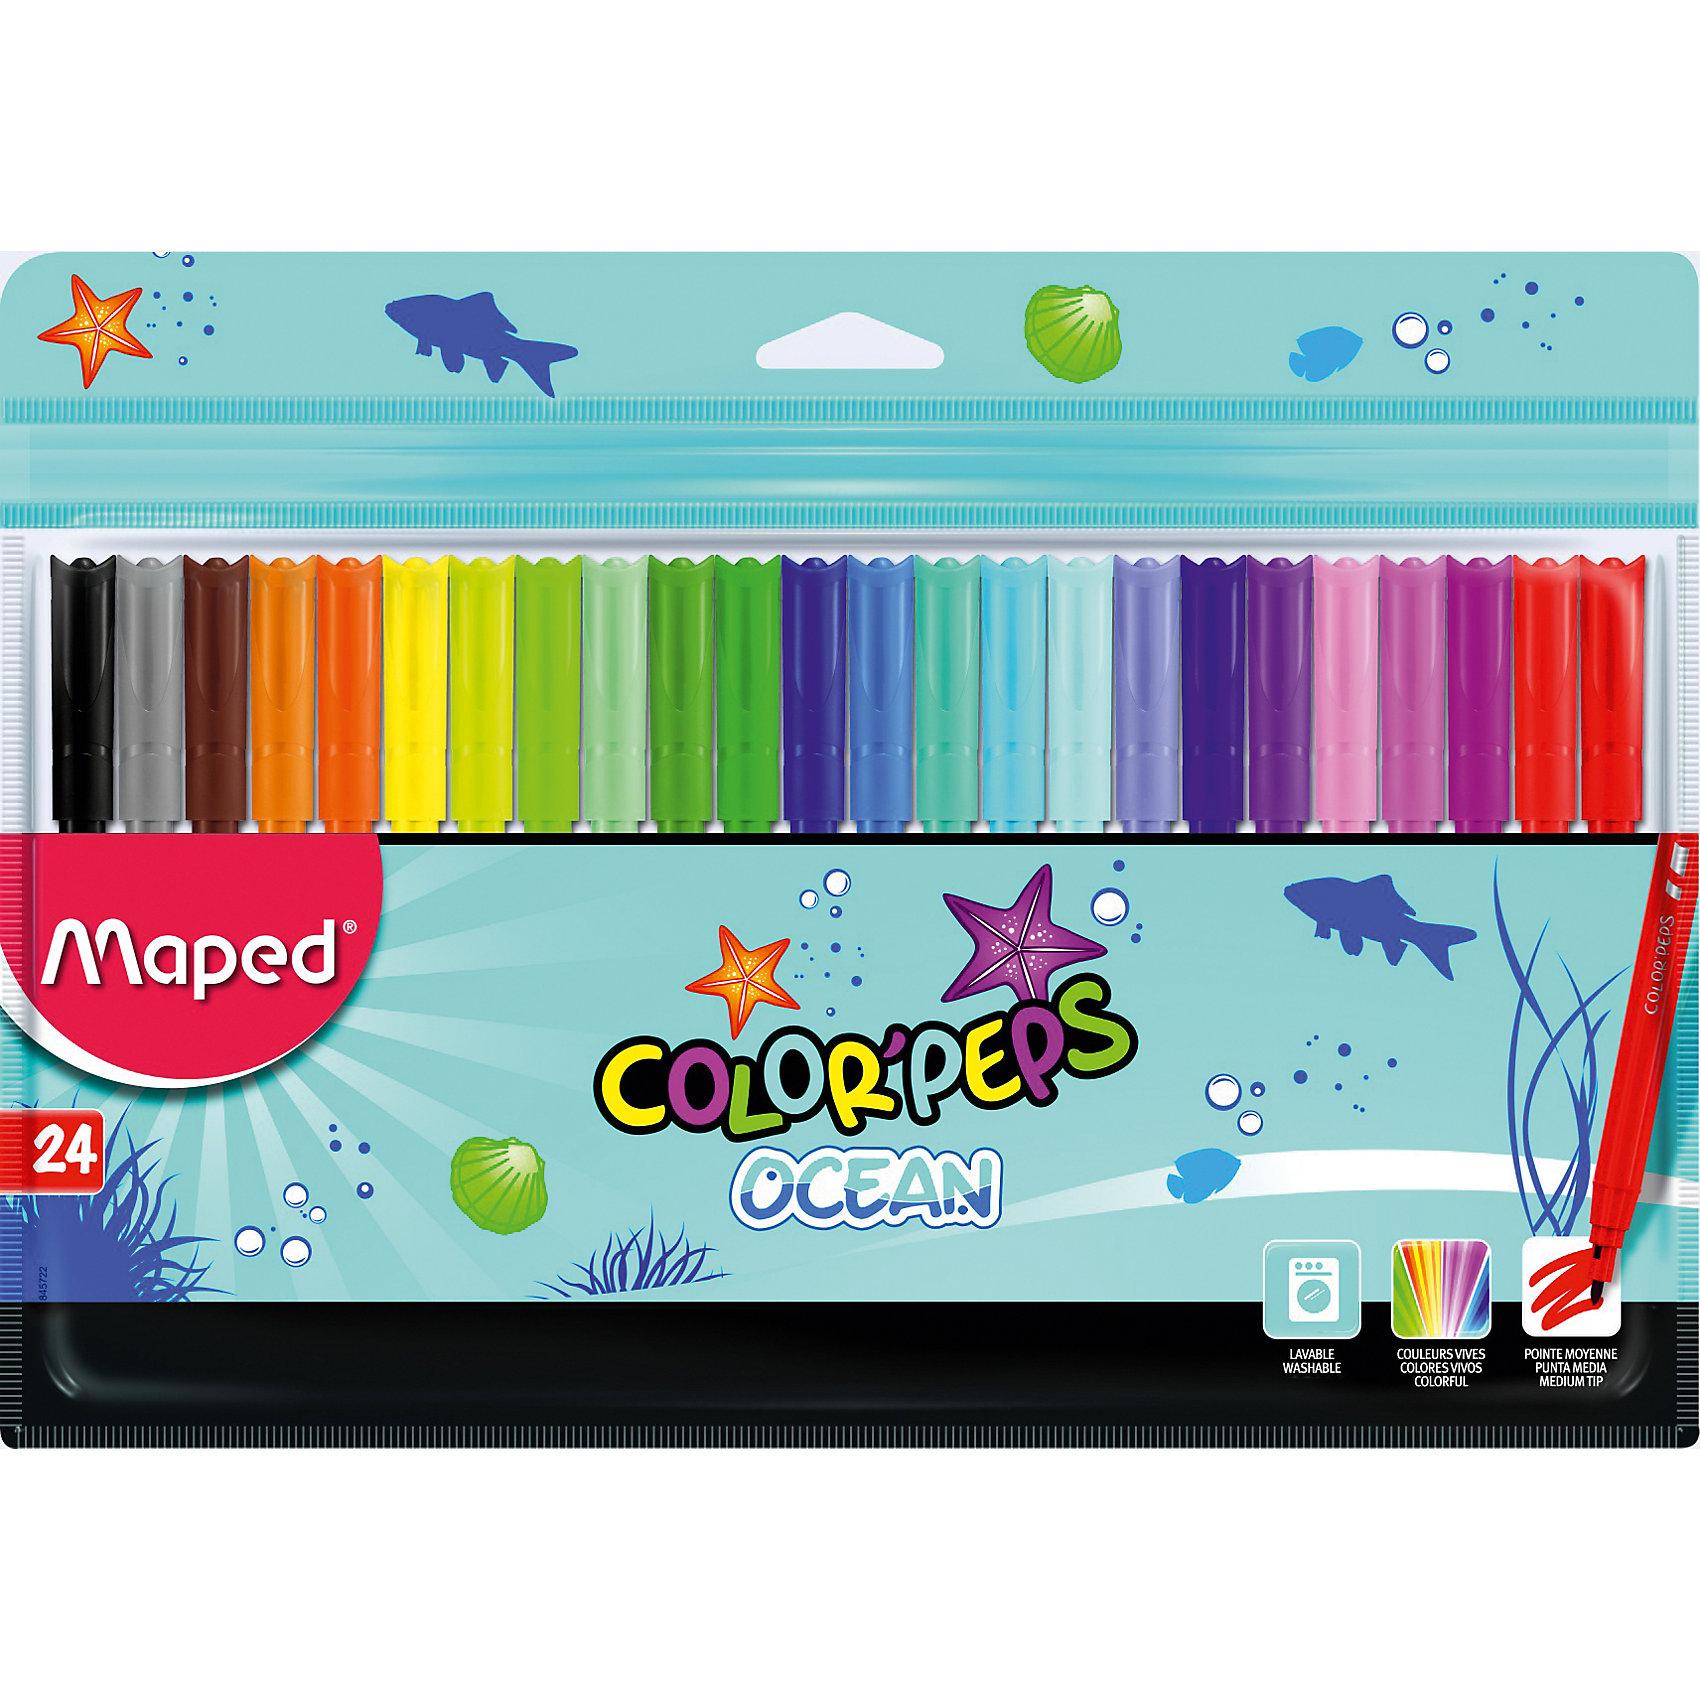 Фломастеры Maped, 24 цветаФломастеры<br>Характеристики:<br><br>• возраст: от 3 лет<br>• в наборе: 24 фломастера<br>• количество цветов: 24<br>• материал корпуса: пластик<br>• толщина линии: 2 мм.<br>• размер упаковки: 26,9х17,7х0,9 см.<br><br>Фломастерами Color Peps Ocean с заблокированным пишущим узлом предназначены для тонкого письма и раскрашивания. В наборе 24 фломастера, ярких насыщенных цветов. Фломастеры смываются практически со всех видов ткани. Соответствуют действующим российским и европейским стандартам качества игрушек. Колпачок вентилируемый.<br><br>MAPED Набор фломастеров 24 цветов можно купить в нашем интернет-магазине.<br><br>Ширина мм: 9<br>Глубина мм: 269<br>Высота мм: 177<br>Вес г: 147<br>Возраст от месяцев: 36<br>Возраст до месяцев: 2147483647<br>Пол: Унисекс<br>Возраст: Детский<br>SKU: 7065335